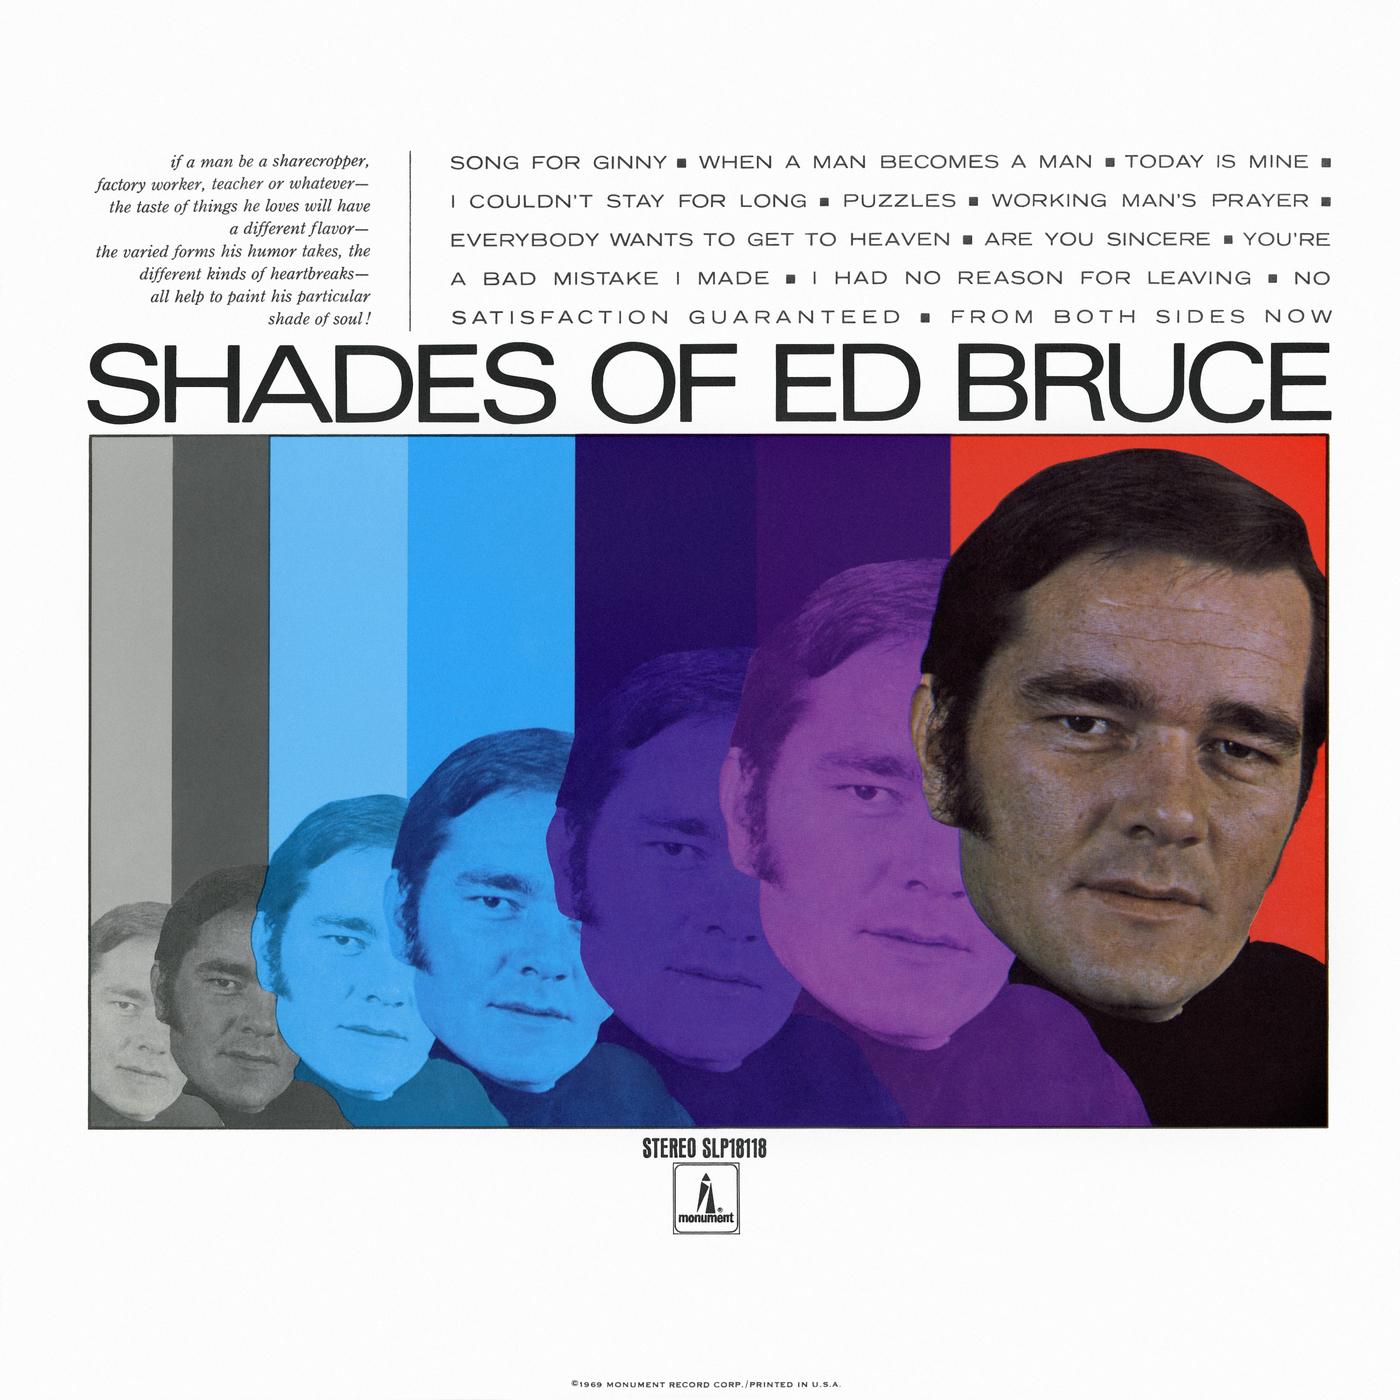 Shades of Ed Bruce - Ed Bruce